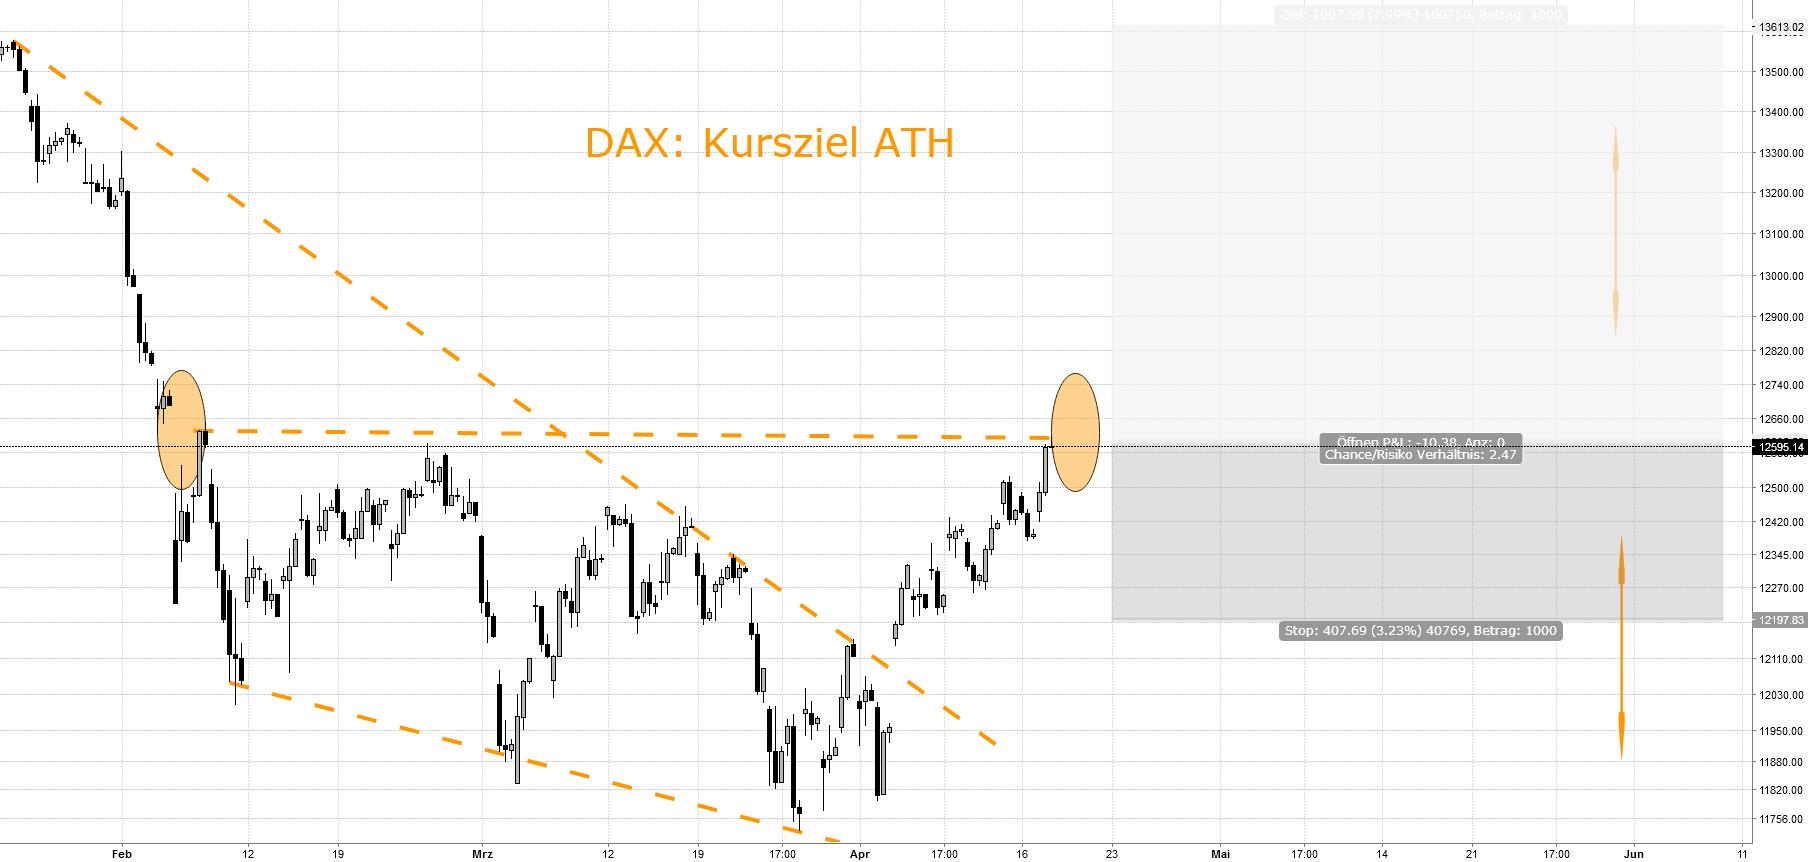 DAX: Kurziel kurzfristig neues ATH